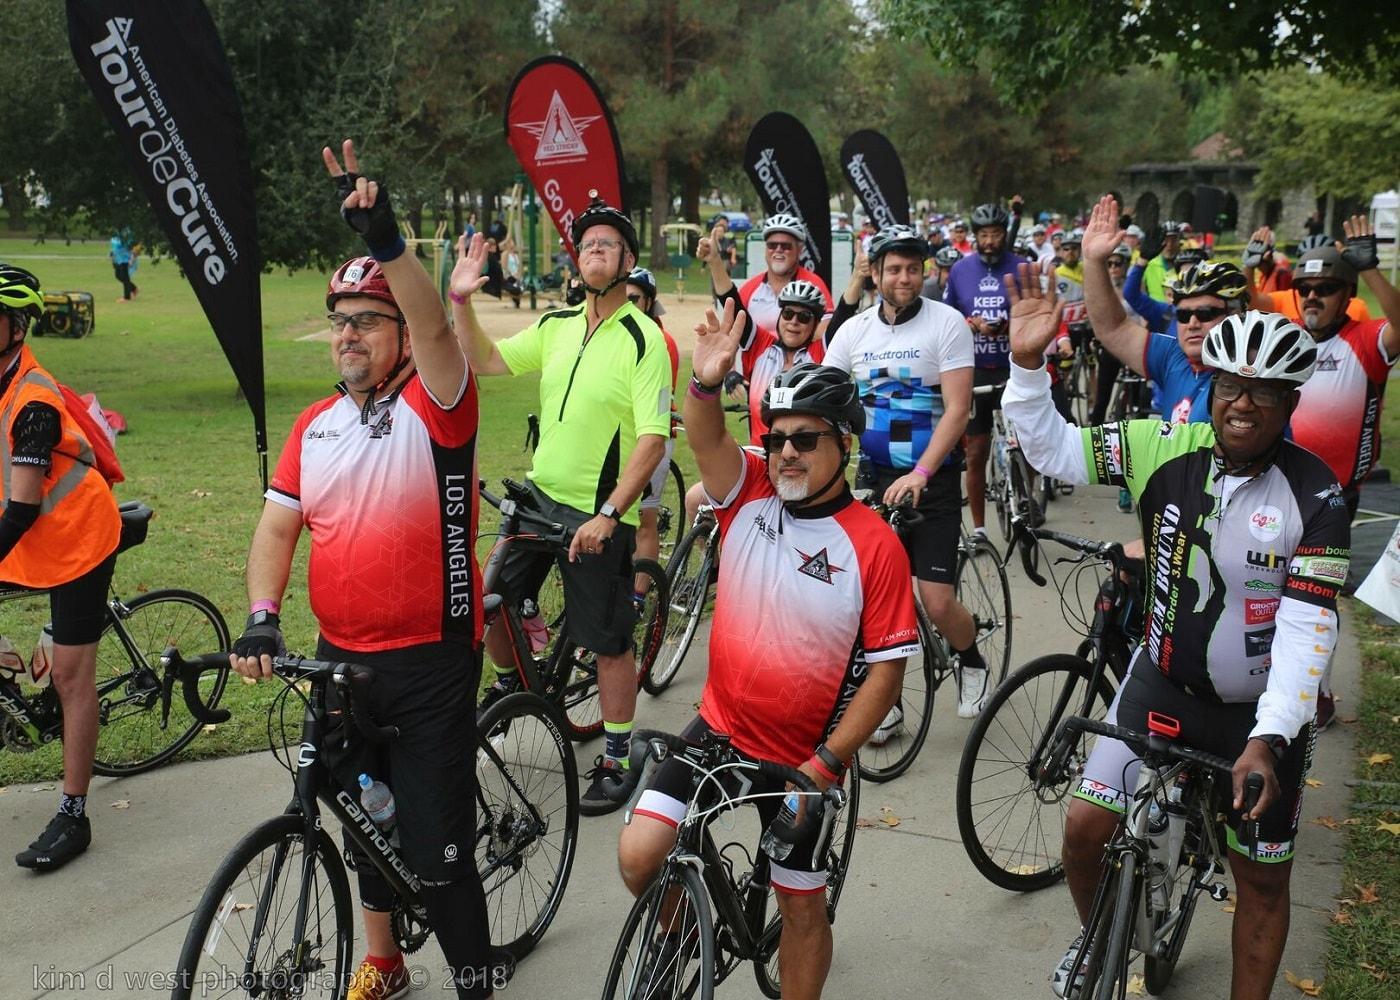 men at tour de cure fundraising event